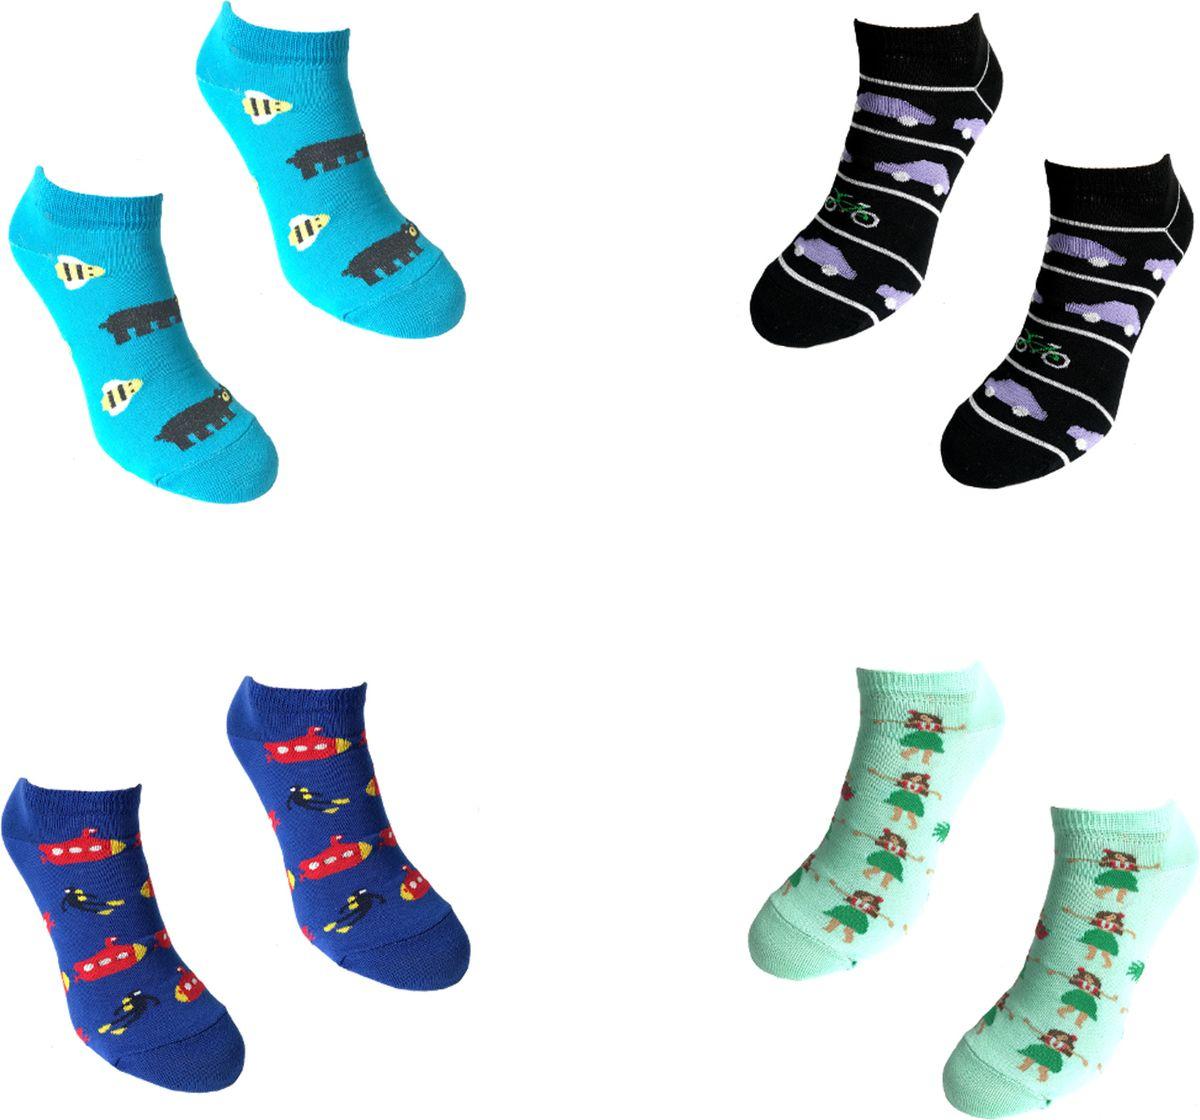 Носки Big Bang Socks, укороченные, цвет: голубой, черный, синий, бирюзовый, 4 пары. box4b212. Размер 35/39 носки minecraft socks 3 pack green зеленые s 3 пары 11750